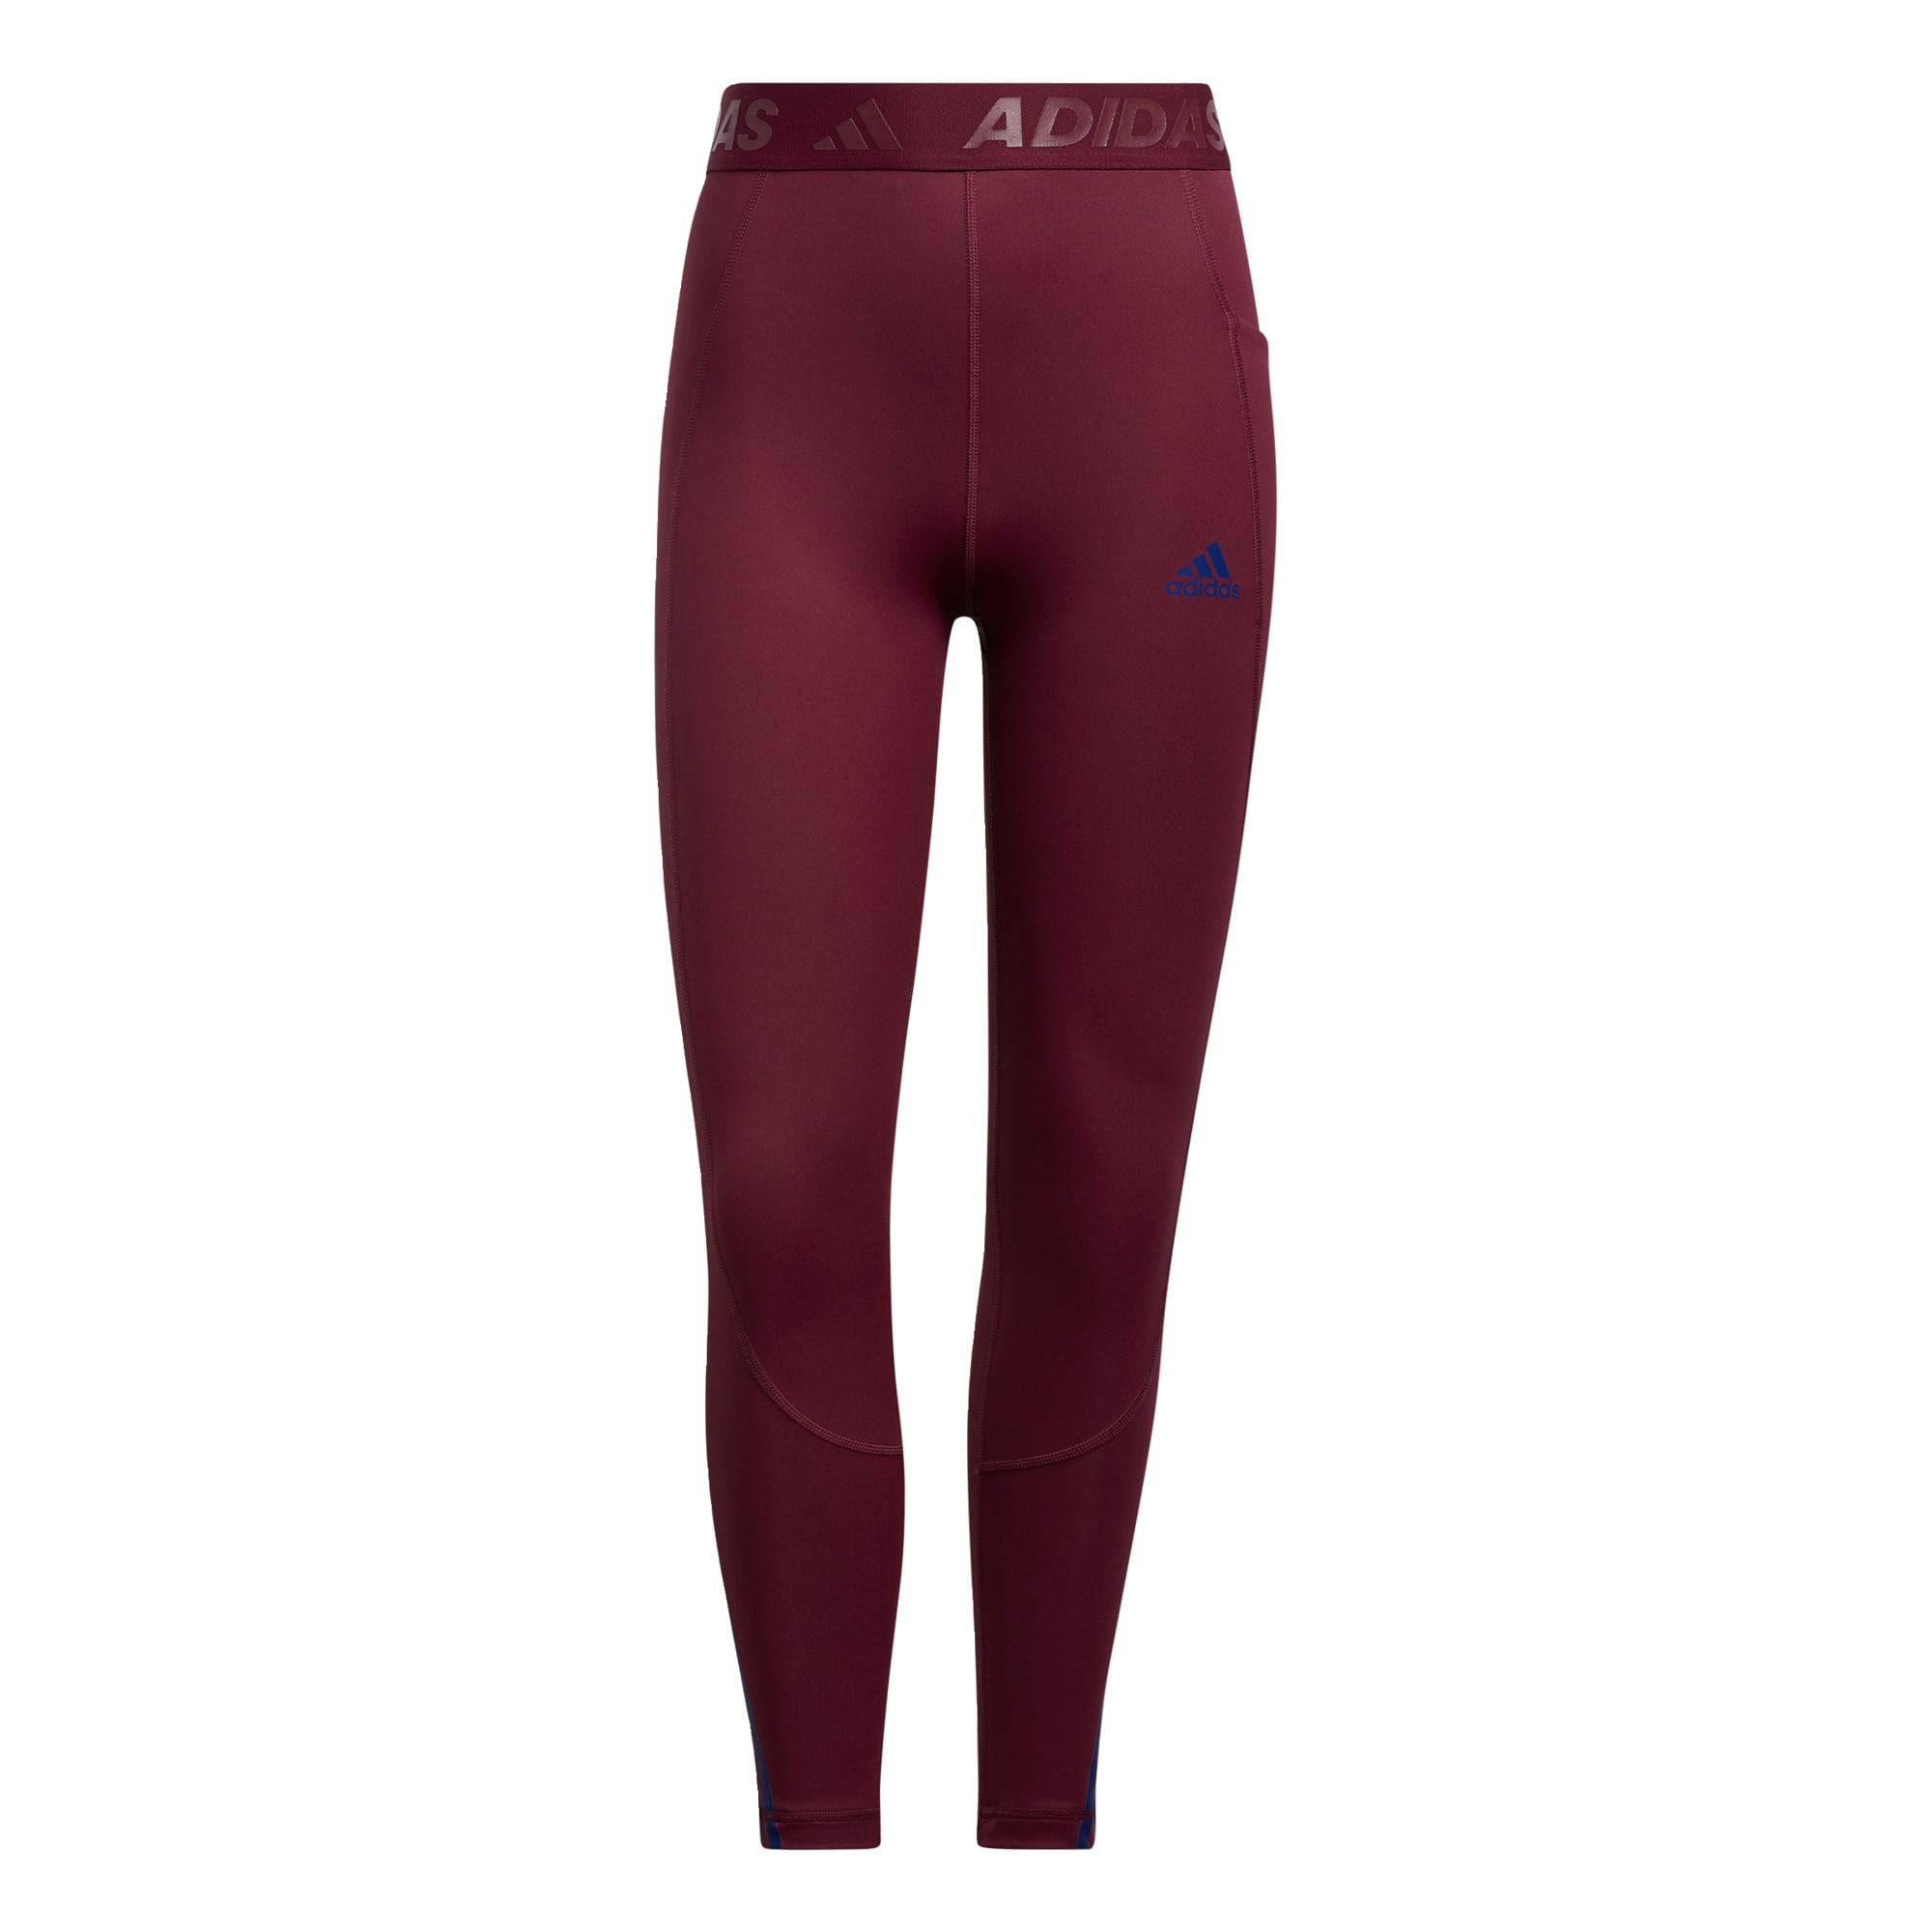 ADIDAS PERFORMANCE Sportovní kalhoty  červená třešeň / modrá